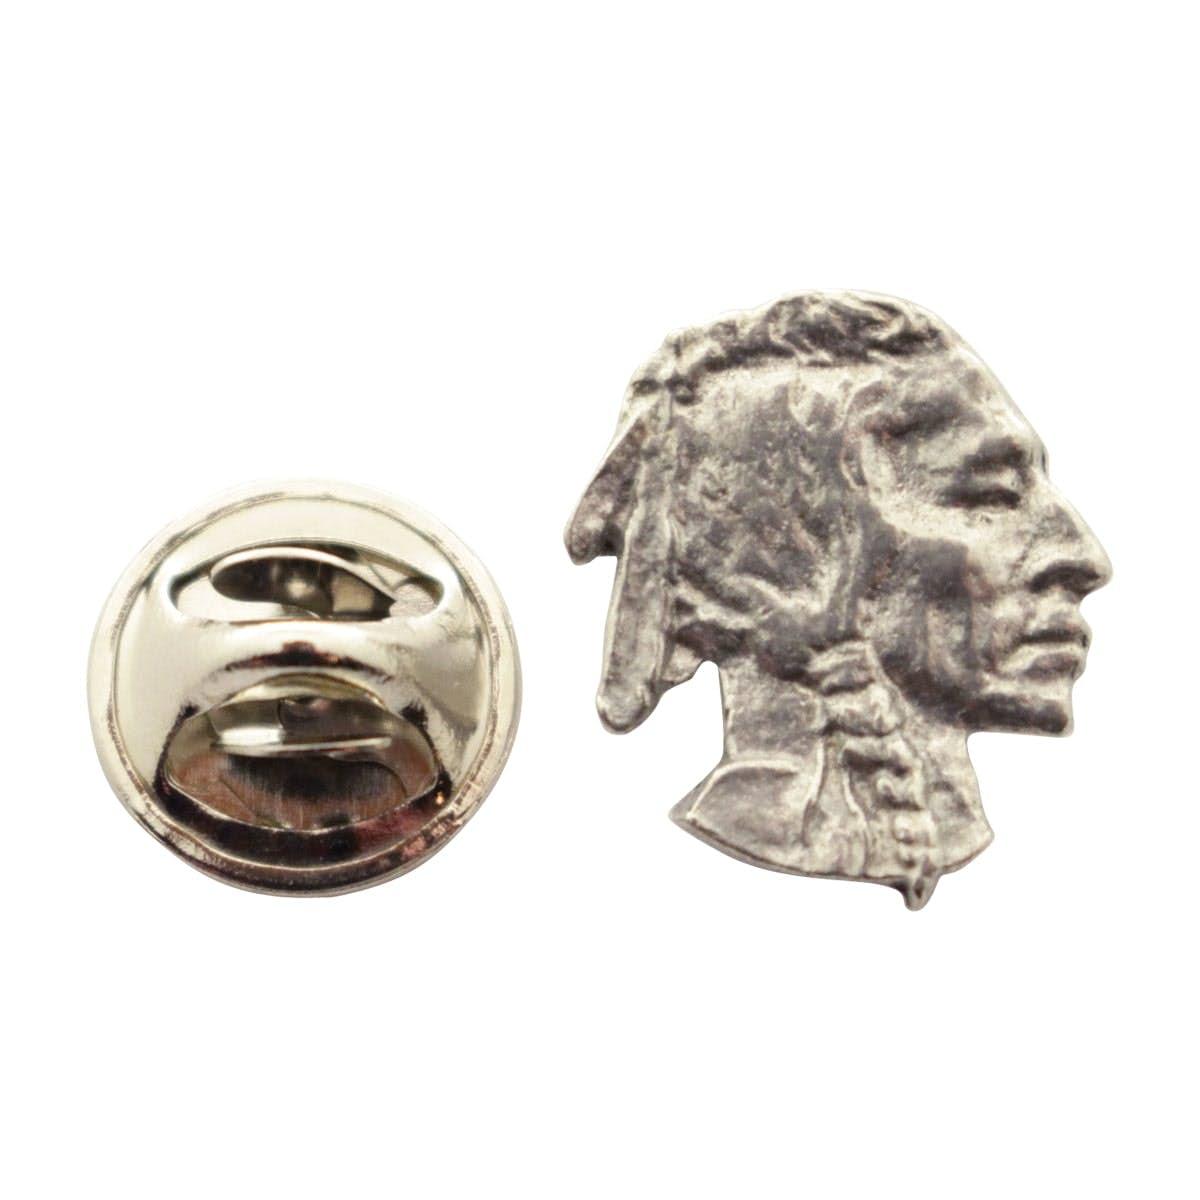 Bony Fish Mini Pin ~ Antiqued Pewter ~ Miniature Lapel Pin